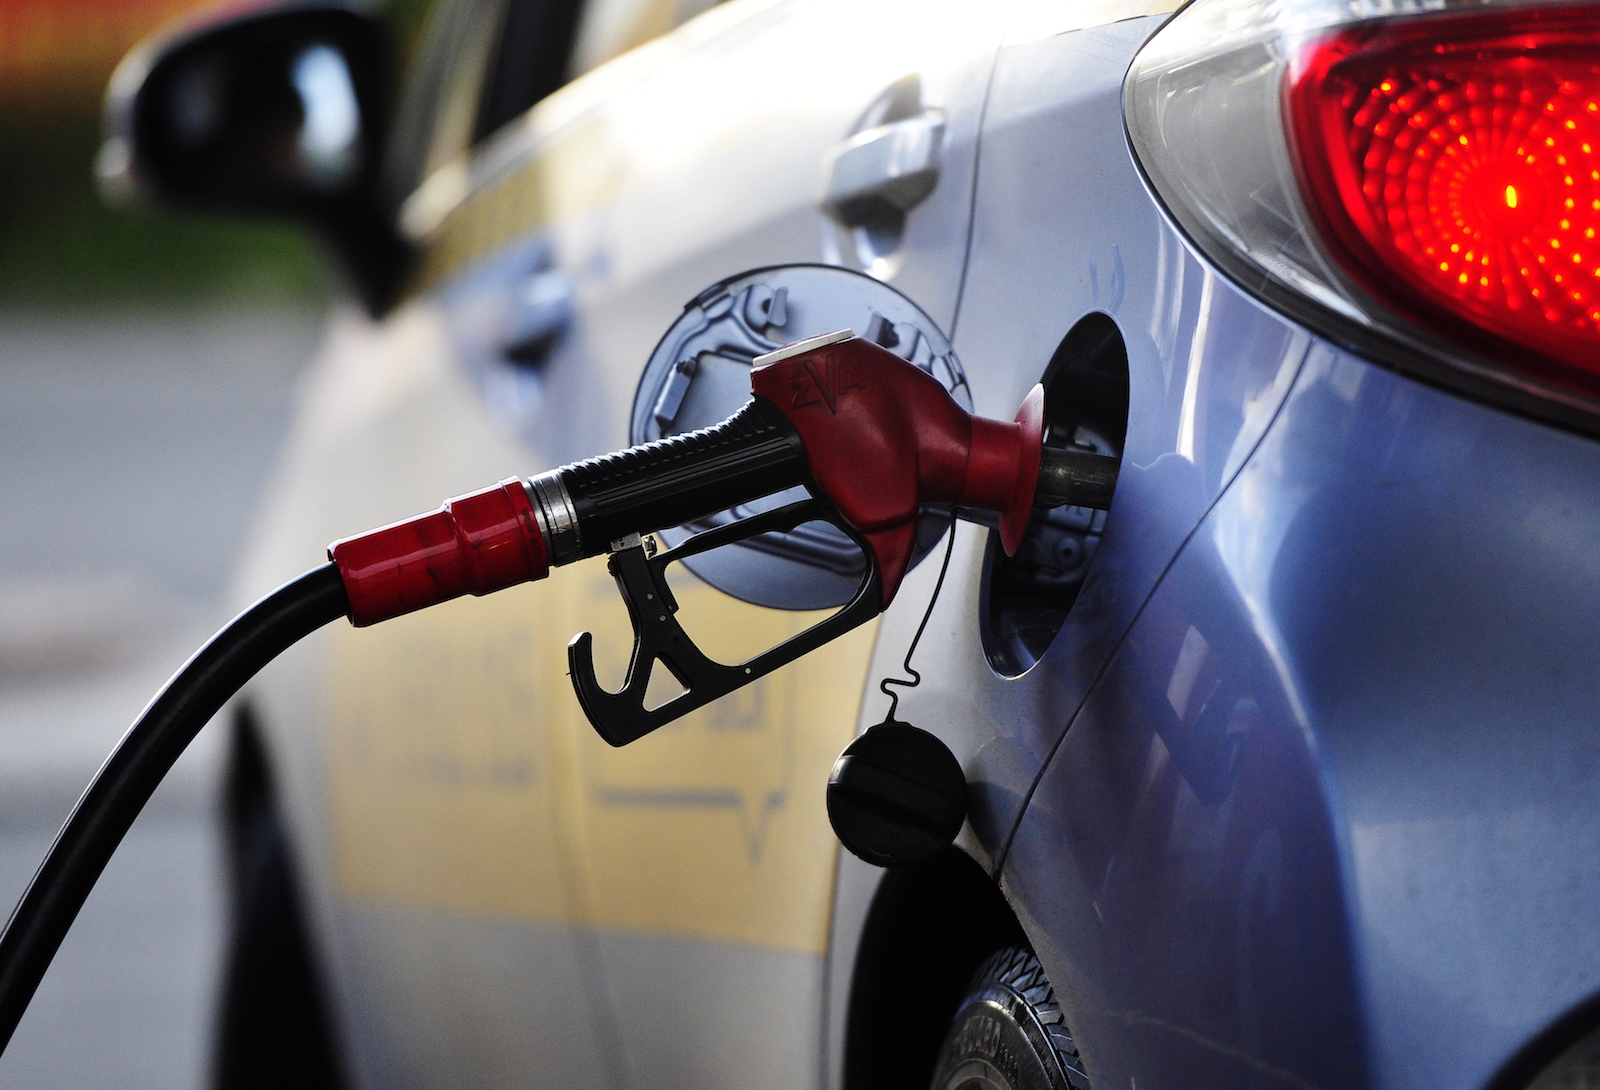 Любителям путешествовать на своём авто: опубликован список мировых цен на топливо